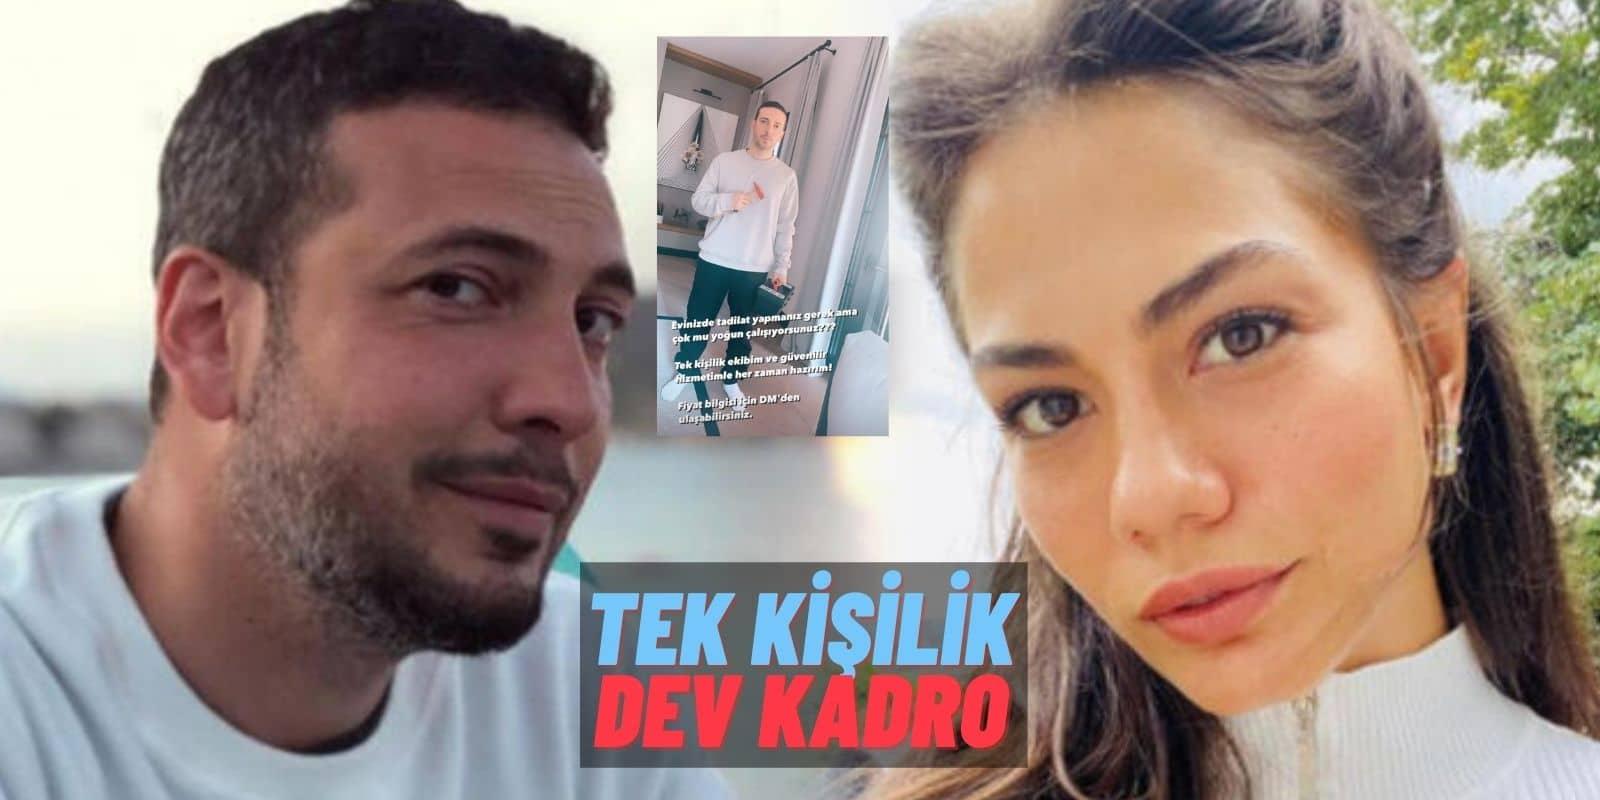 """Tam Birbirlerine Göreler! Demet Özdemir ve Oğuzhan Koç """"Villa Tadilatı"""" Haberleriyle Böyle Dalga Geçti"""